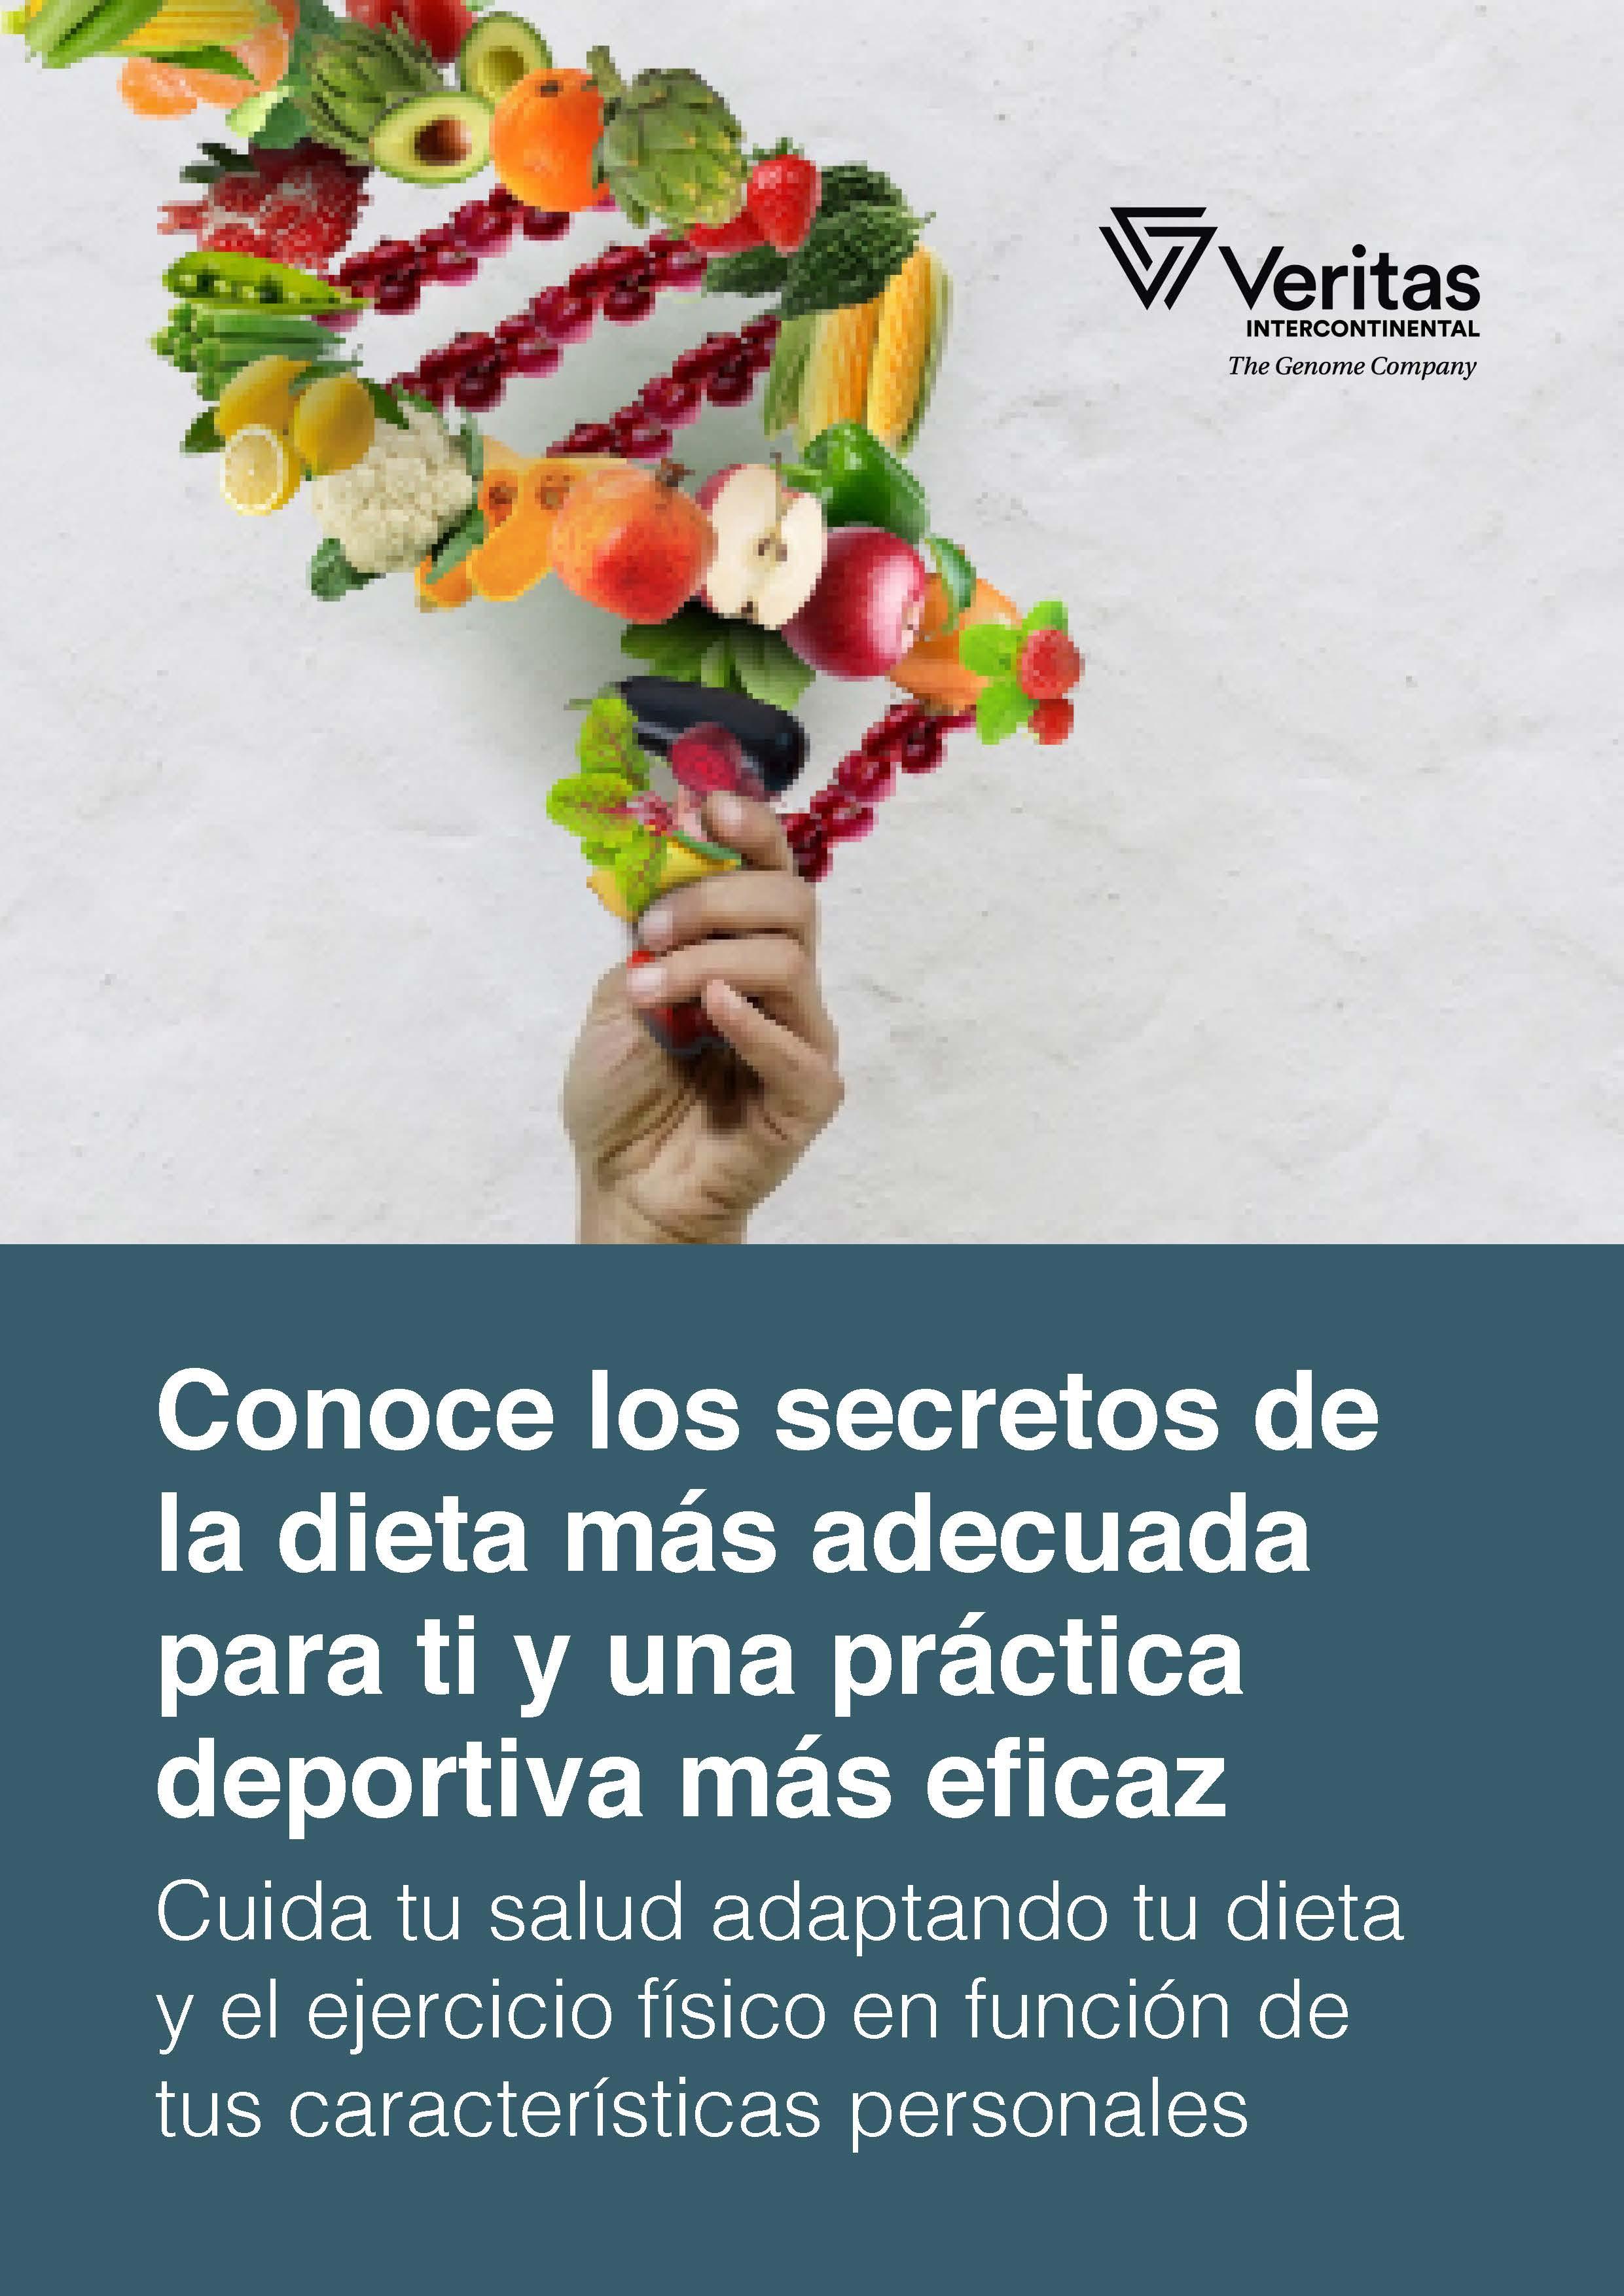 Portada_eBook_El secreto de una dieta mas efectiva